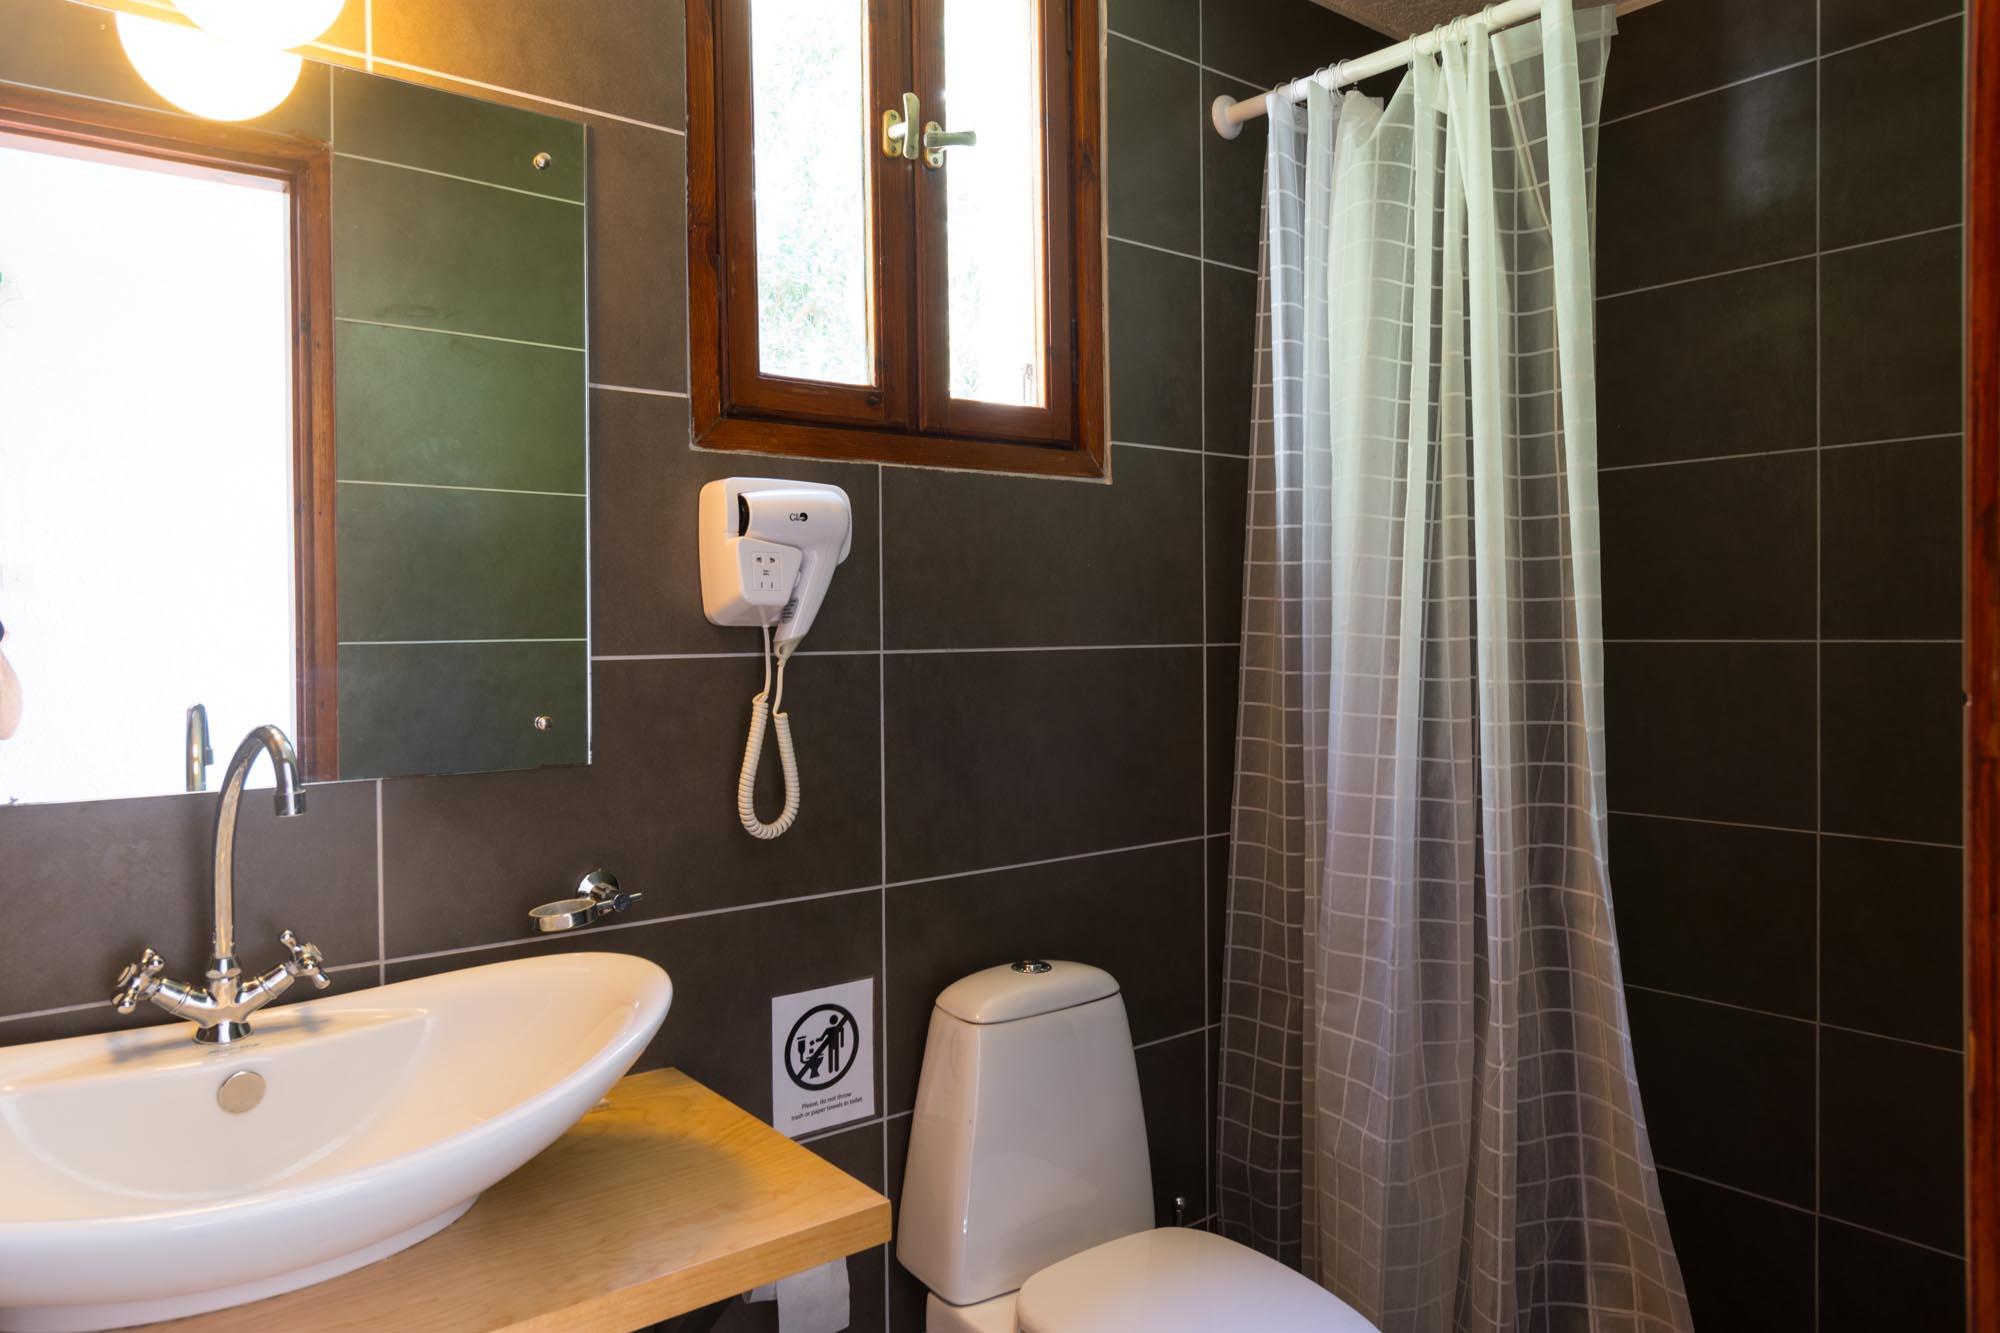 V2 bathroom down